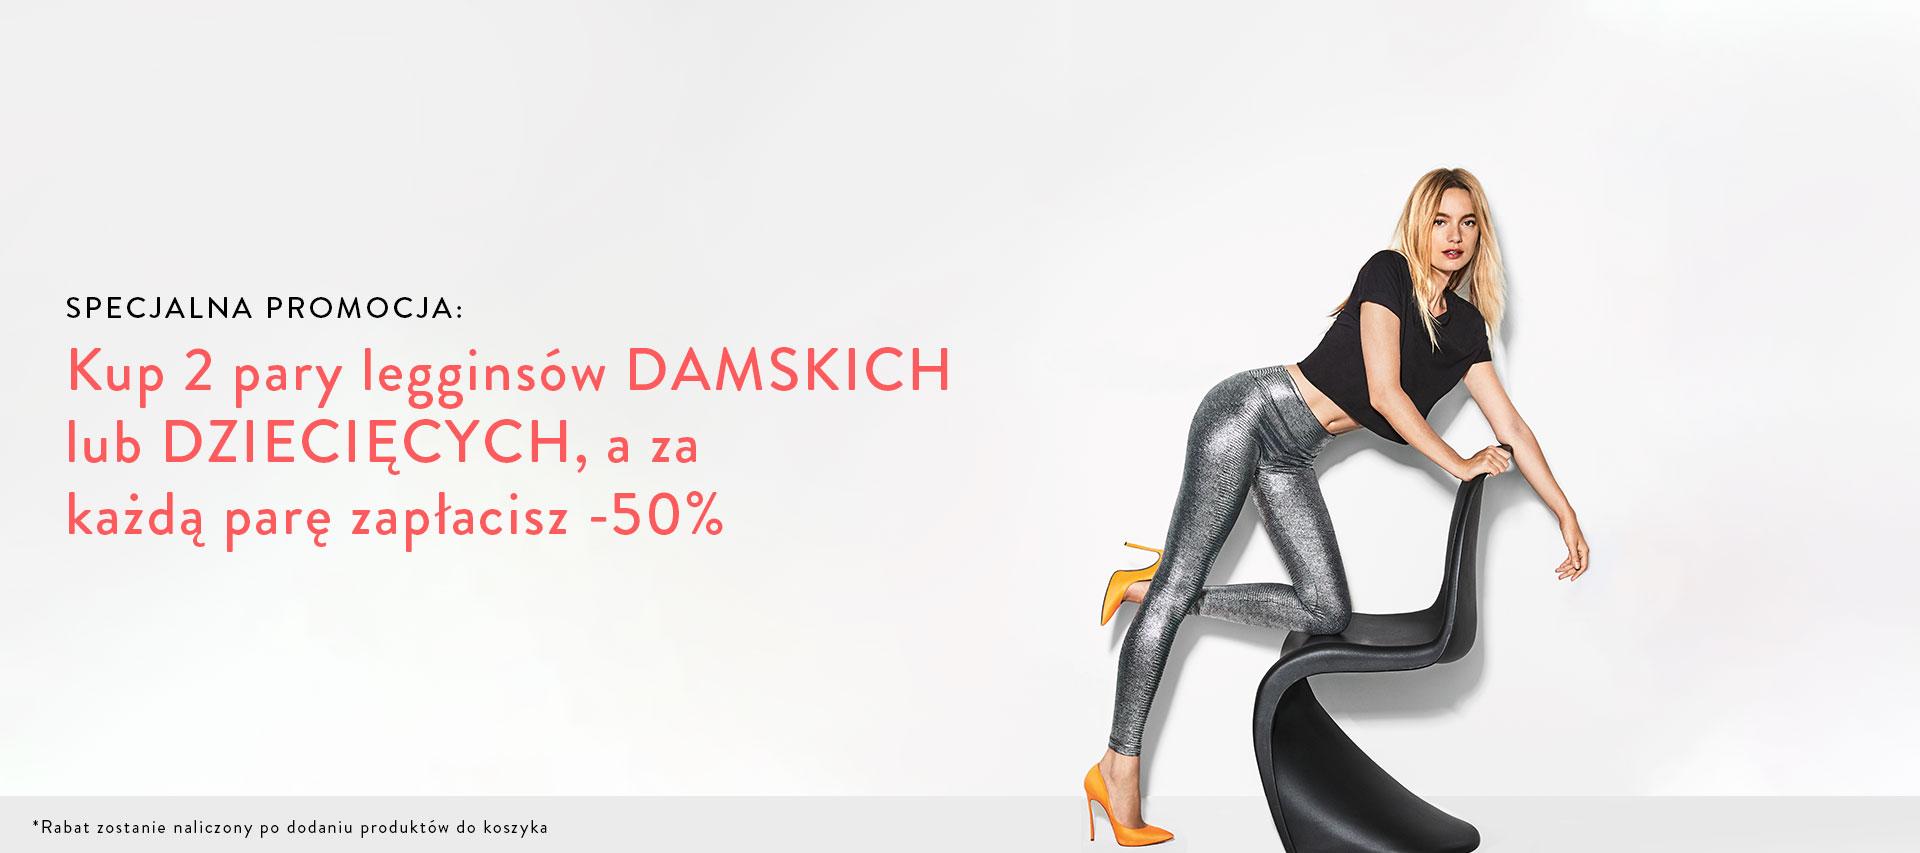 Calzedonia: 50% rabatu przy zakupie dwóch par legginsów damskich lub dziecięcych